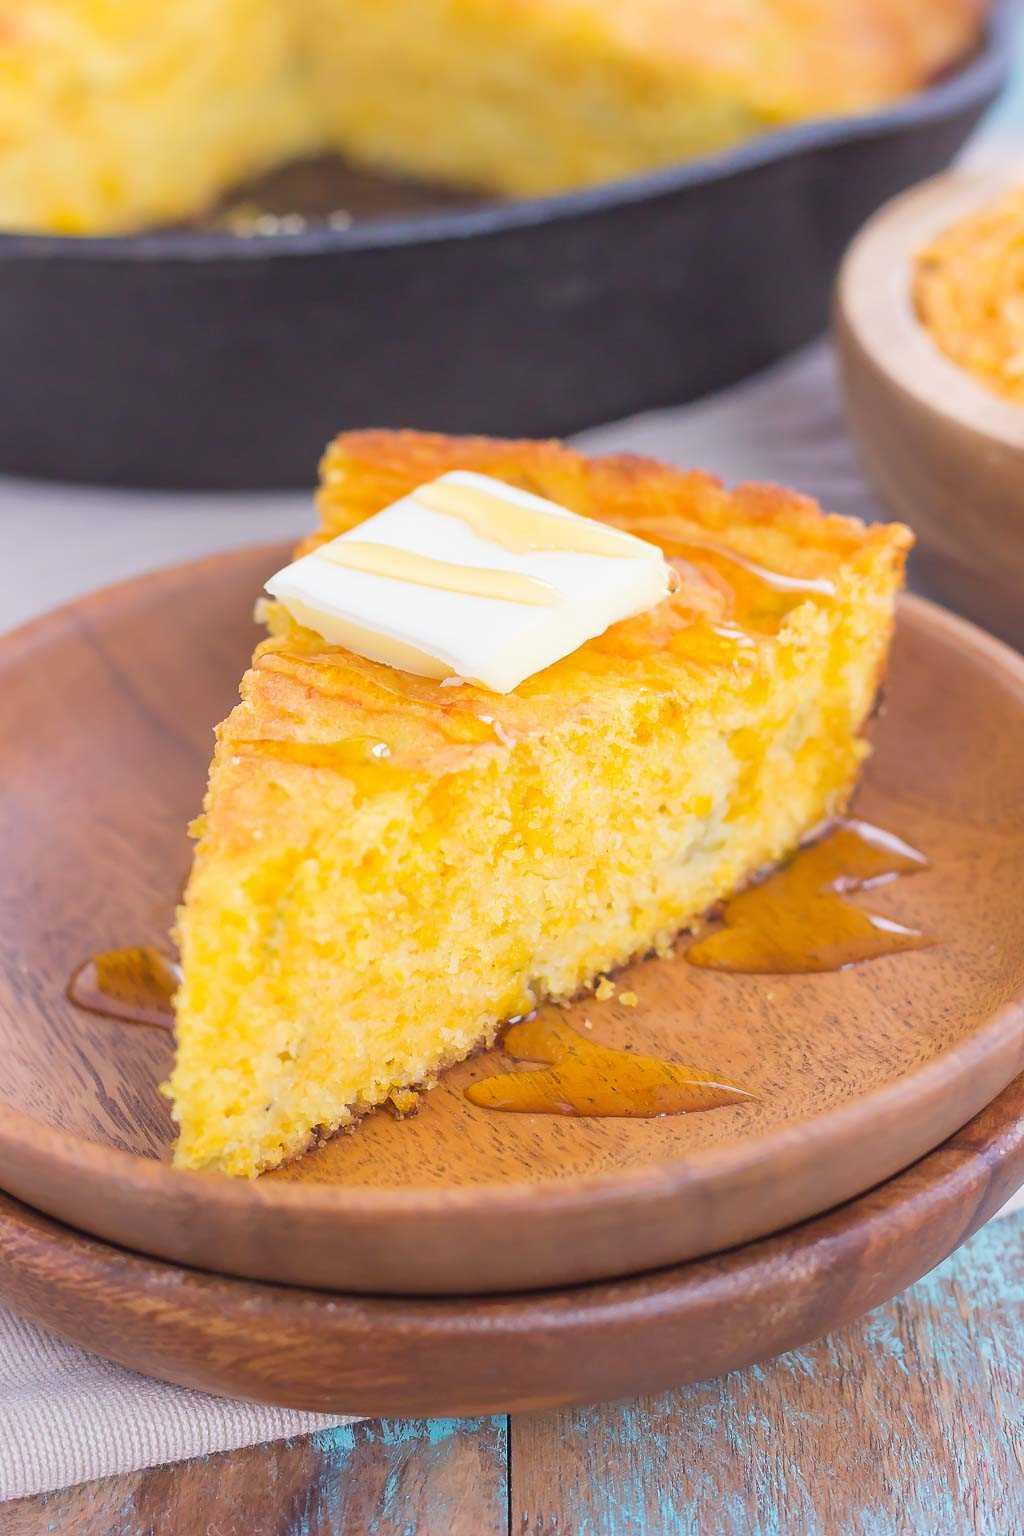 Este Southbill Skillet Cornbread é a combinação perfeita de doce e picante que será um favorito nos próximos anos. Carregado com queijo cheddar, pimentões verdes e creme enlatado, este pão de milho fácil assa úmido, macio e cheio de sabor!